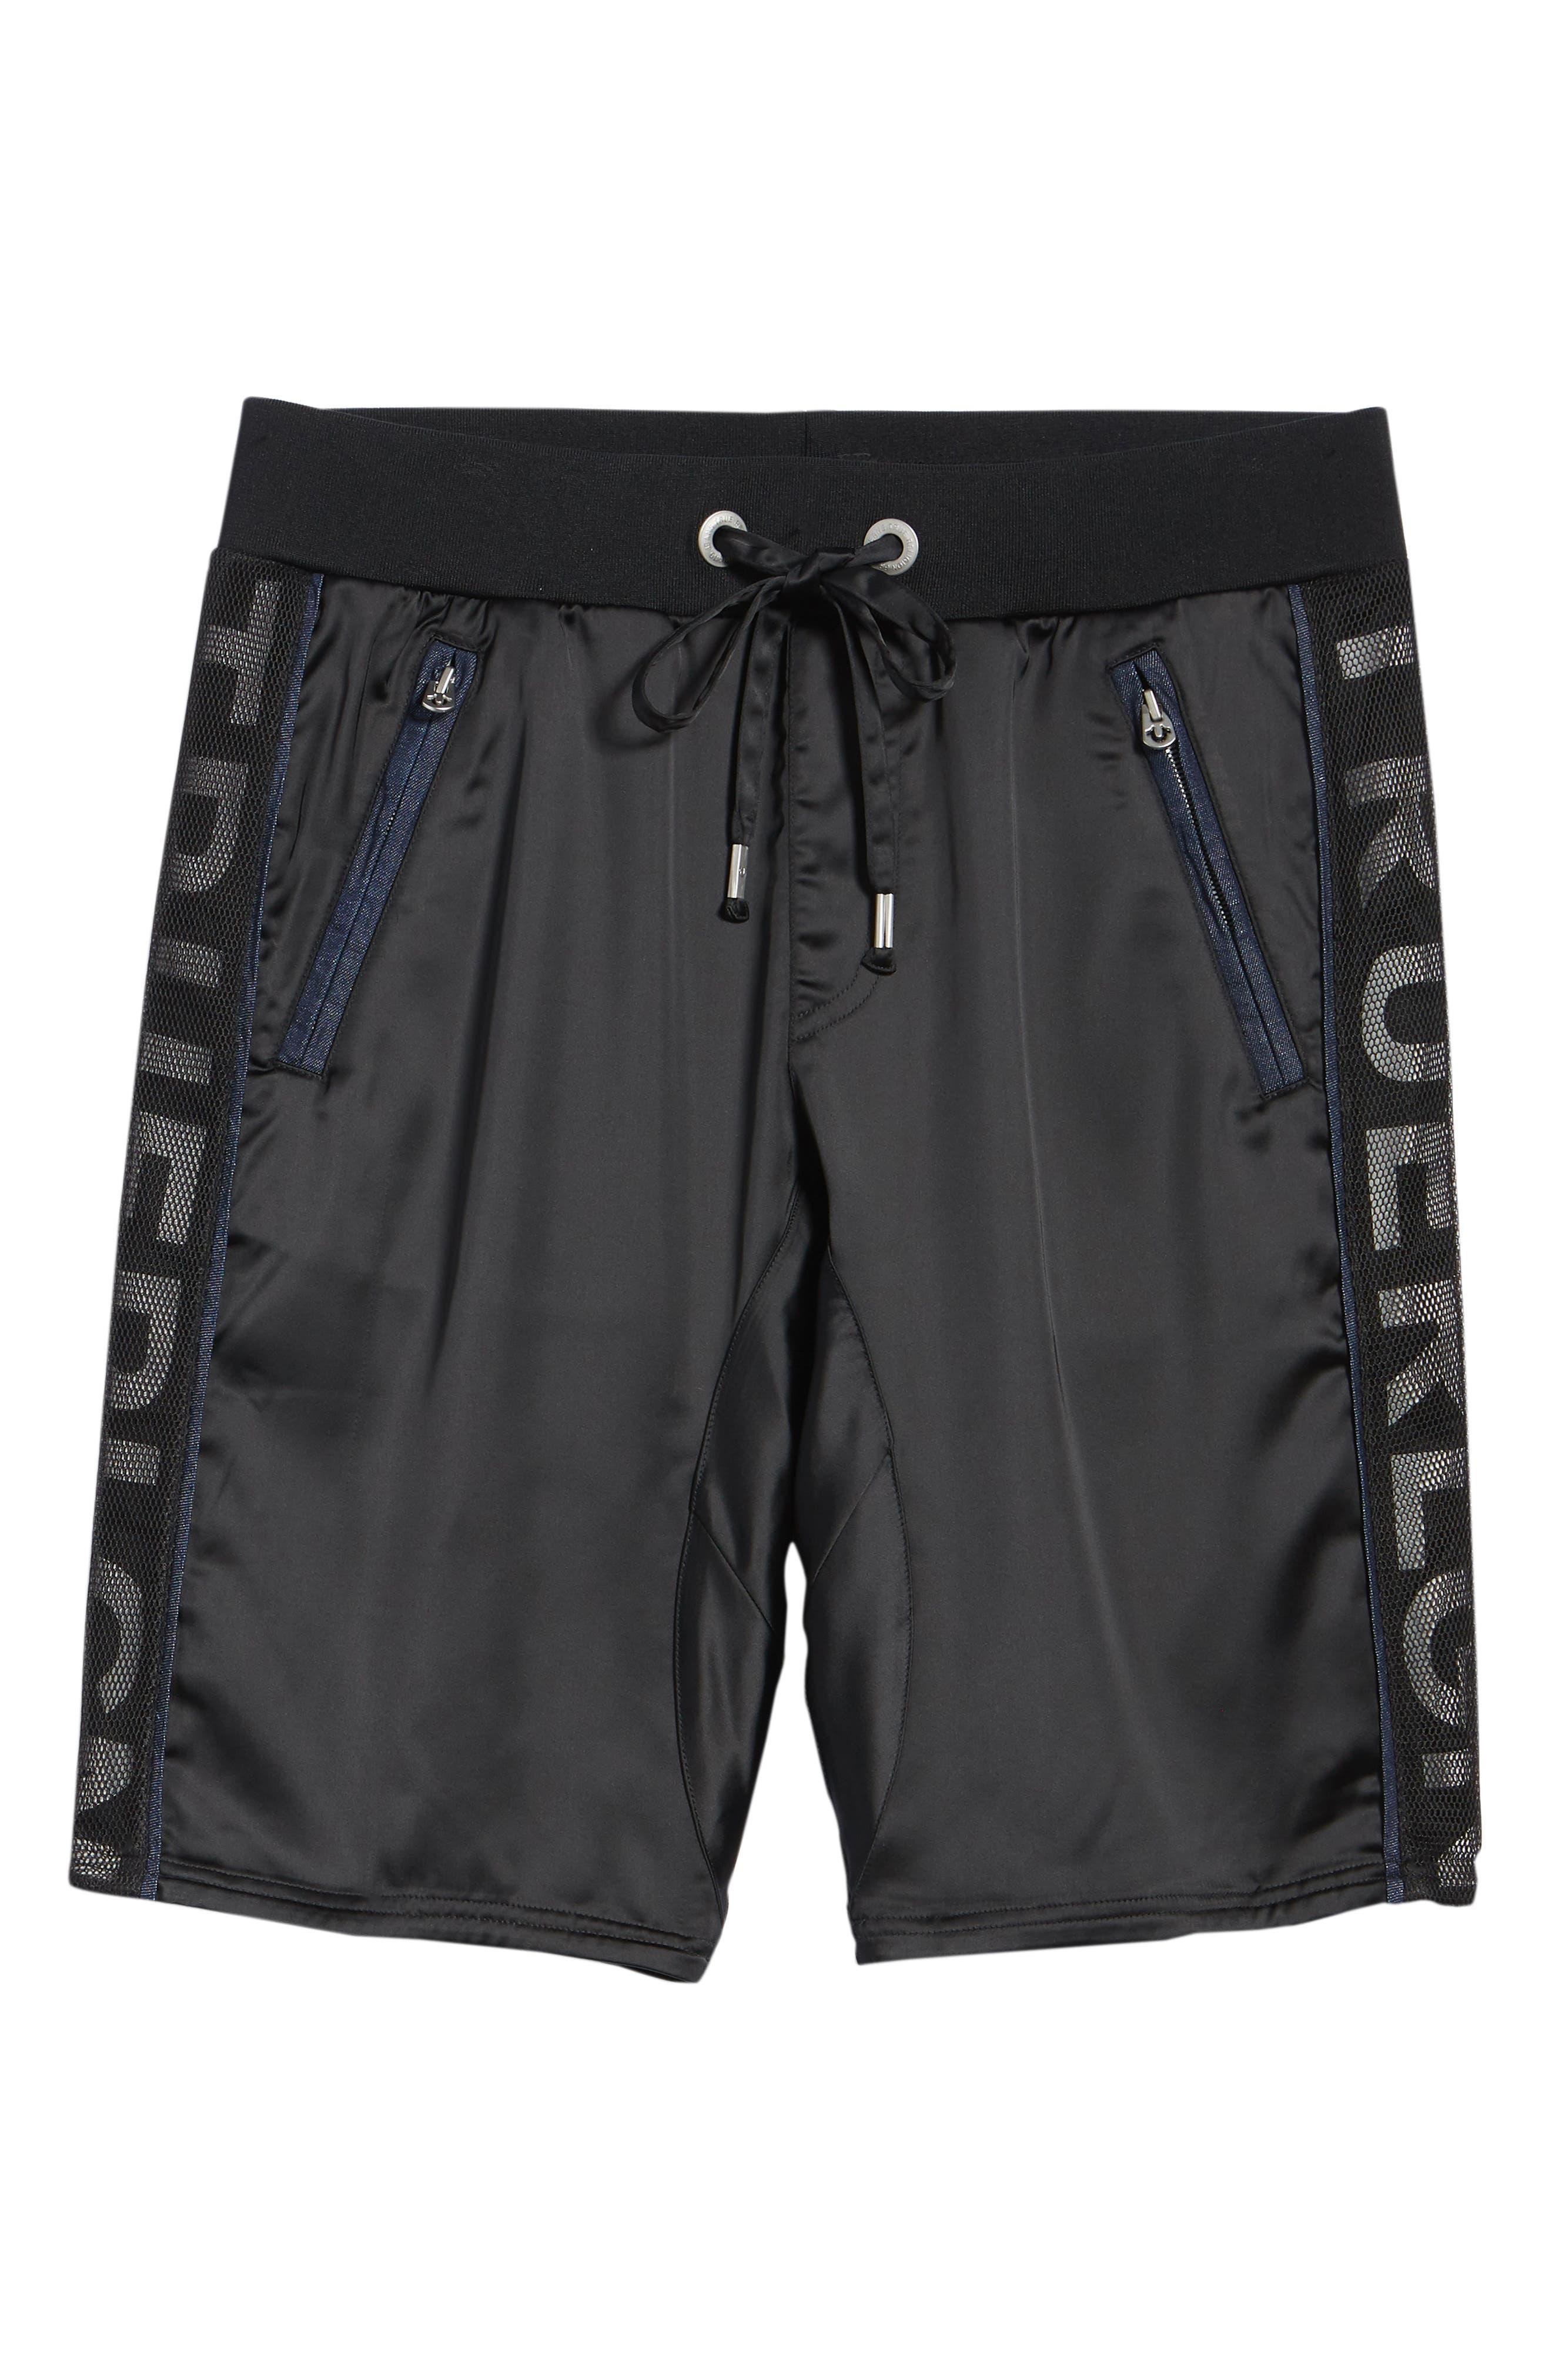 Satin Shorts,                             Alternate thumbnail 6, color,                             Black